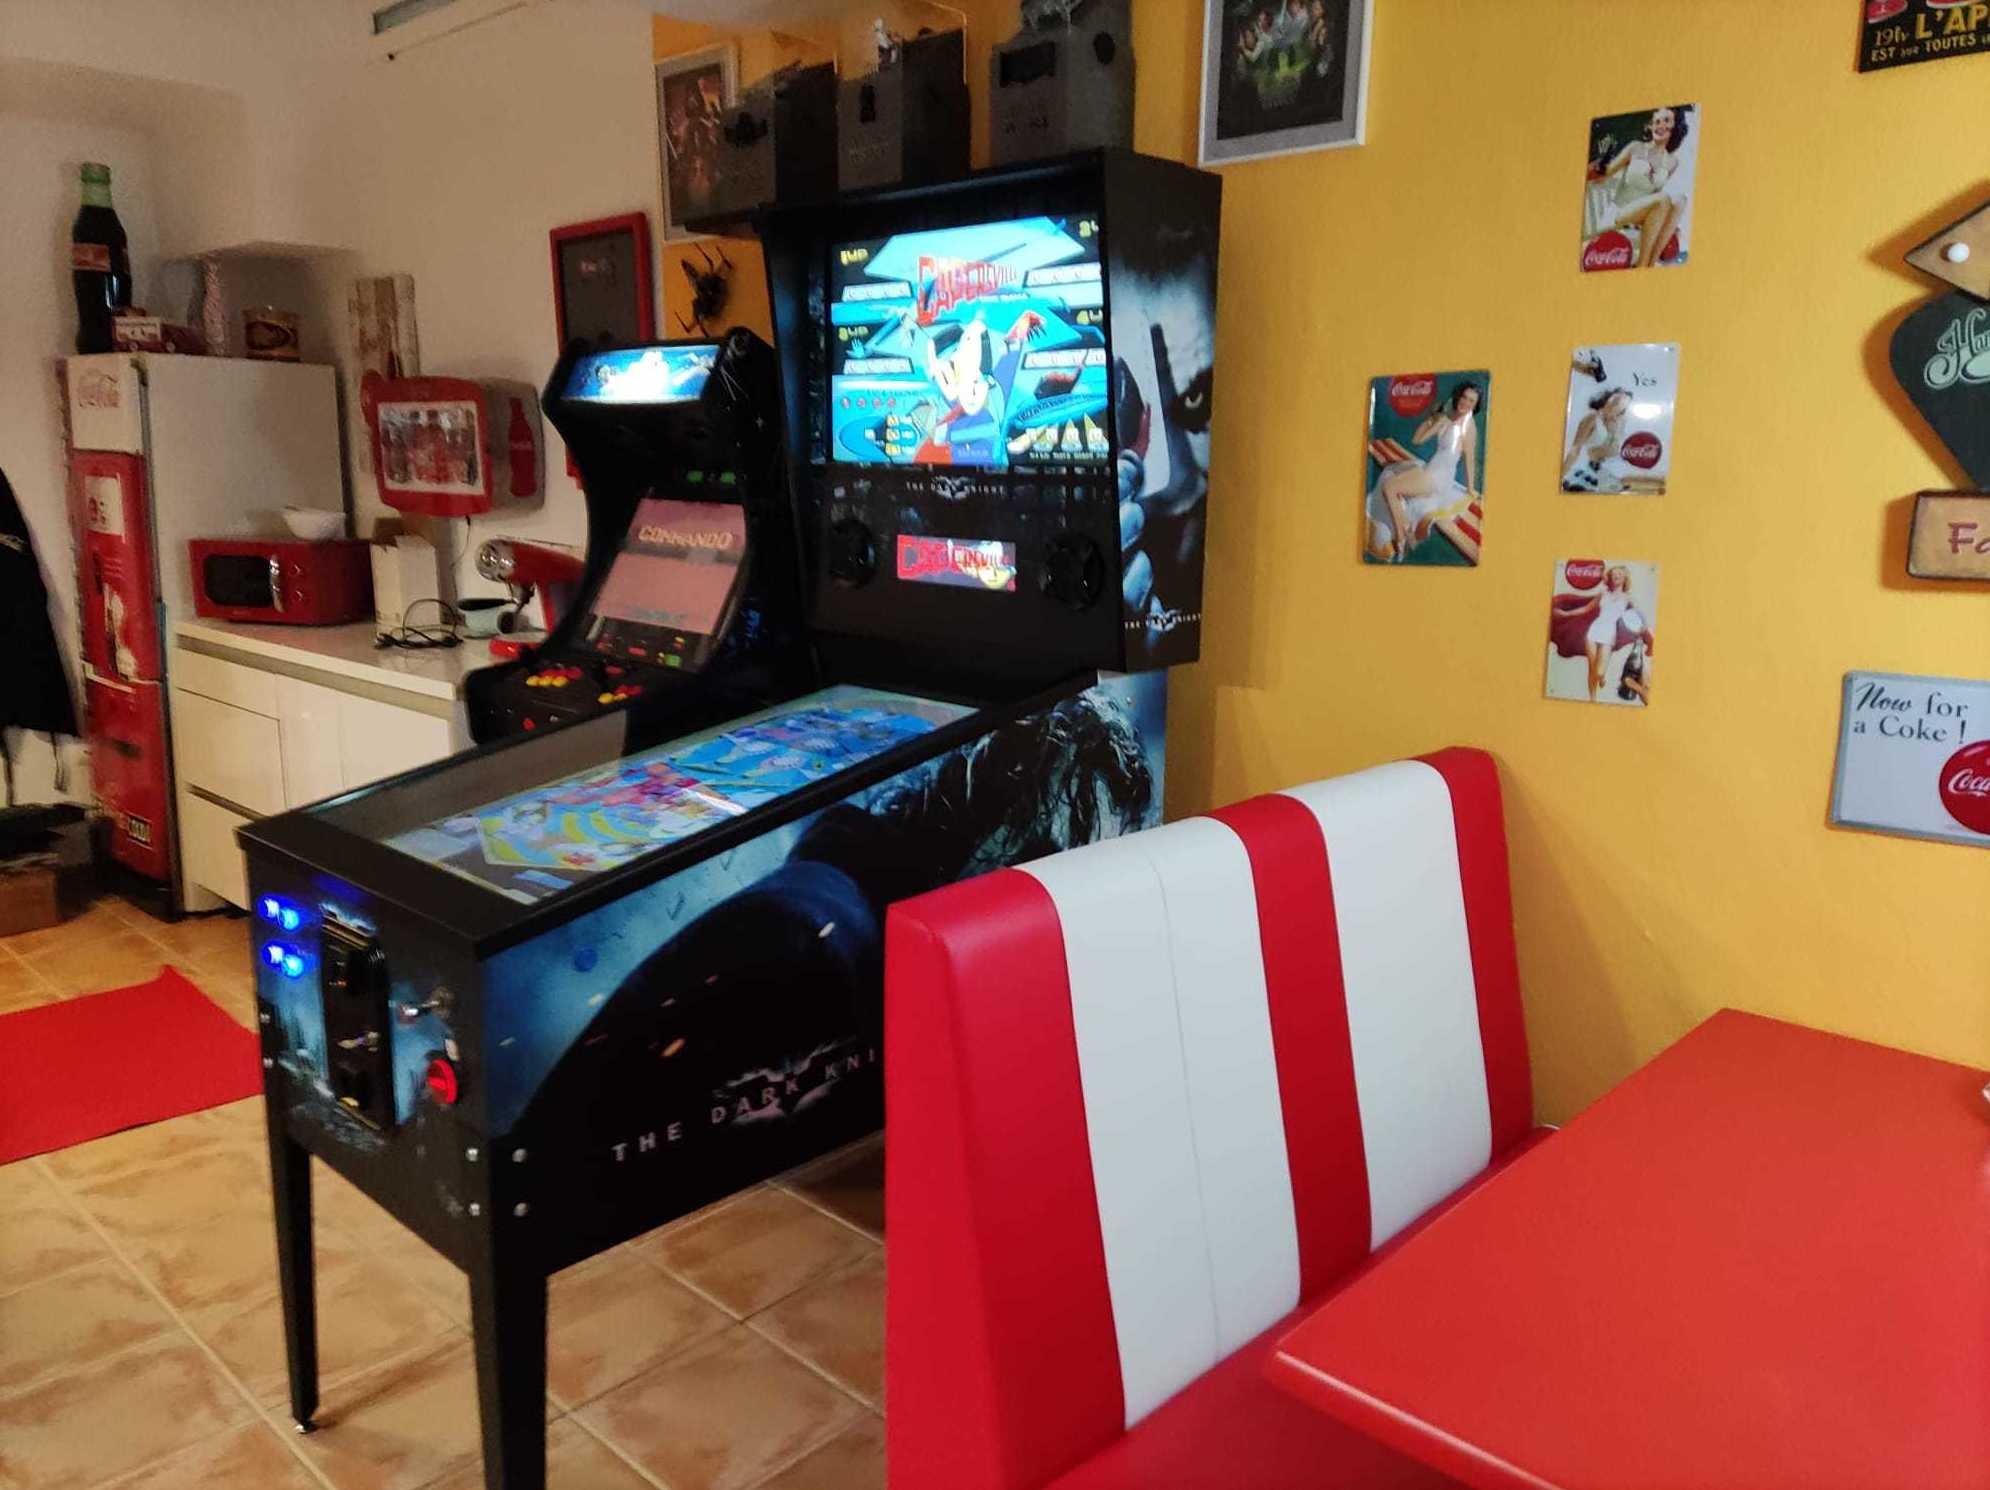 Foto 3 de Fabricación personalizada de máquinas Arcade en Sevilla | Mundo Arcade Sevilla